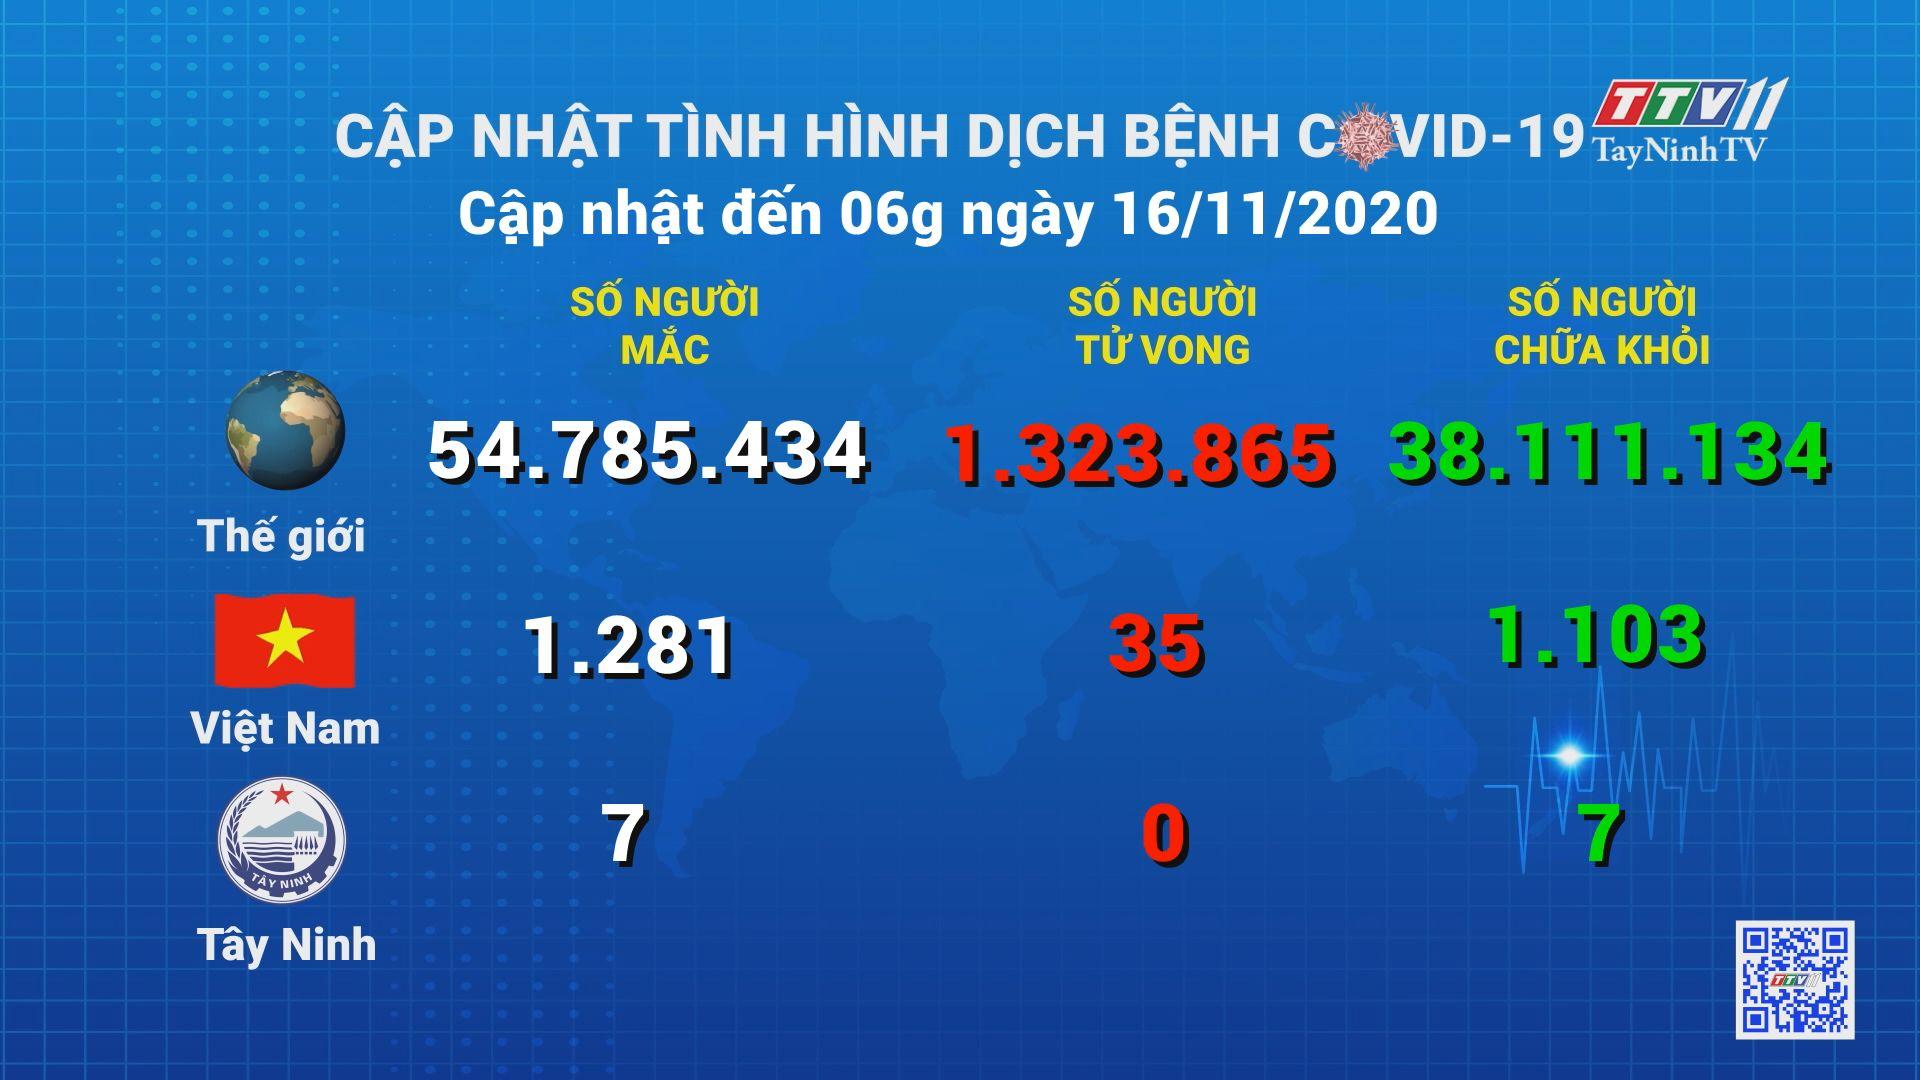 Cập nhật tình hình Covid-19 vào lúc 06 giờ 16-11-2020 | Thông tin dịch Covid-19 | TayNinhTV